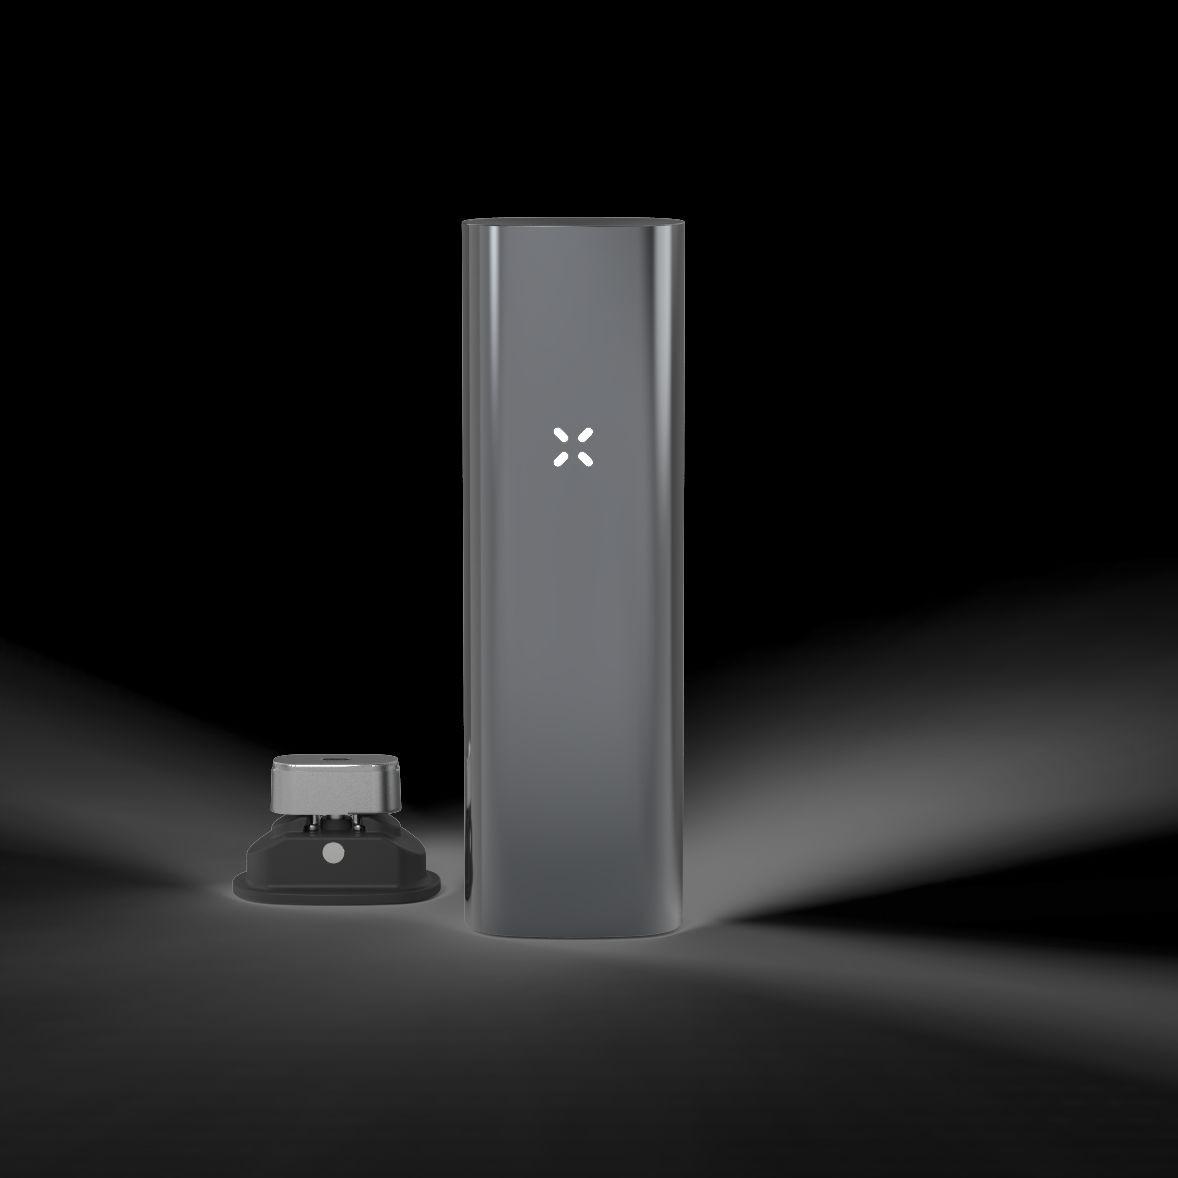 Black pax 2